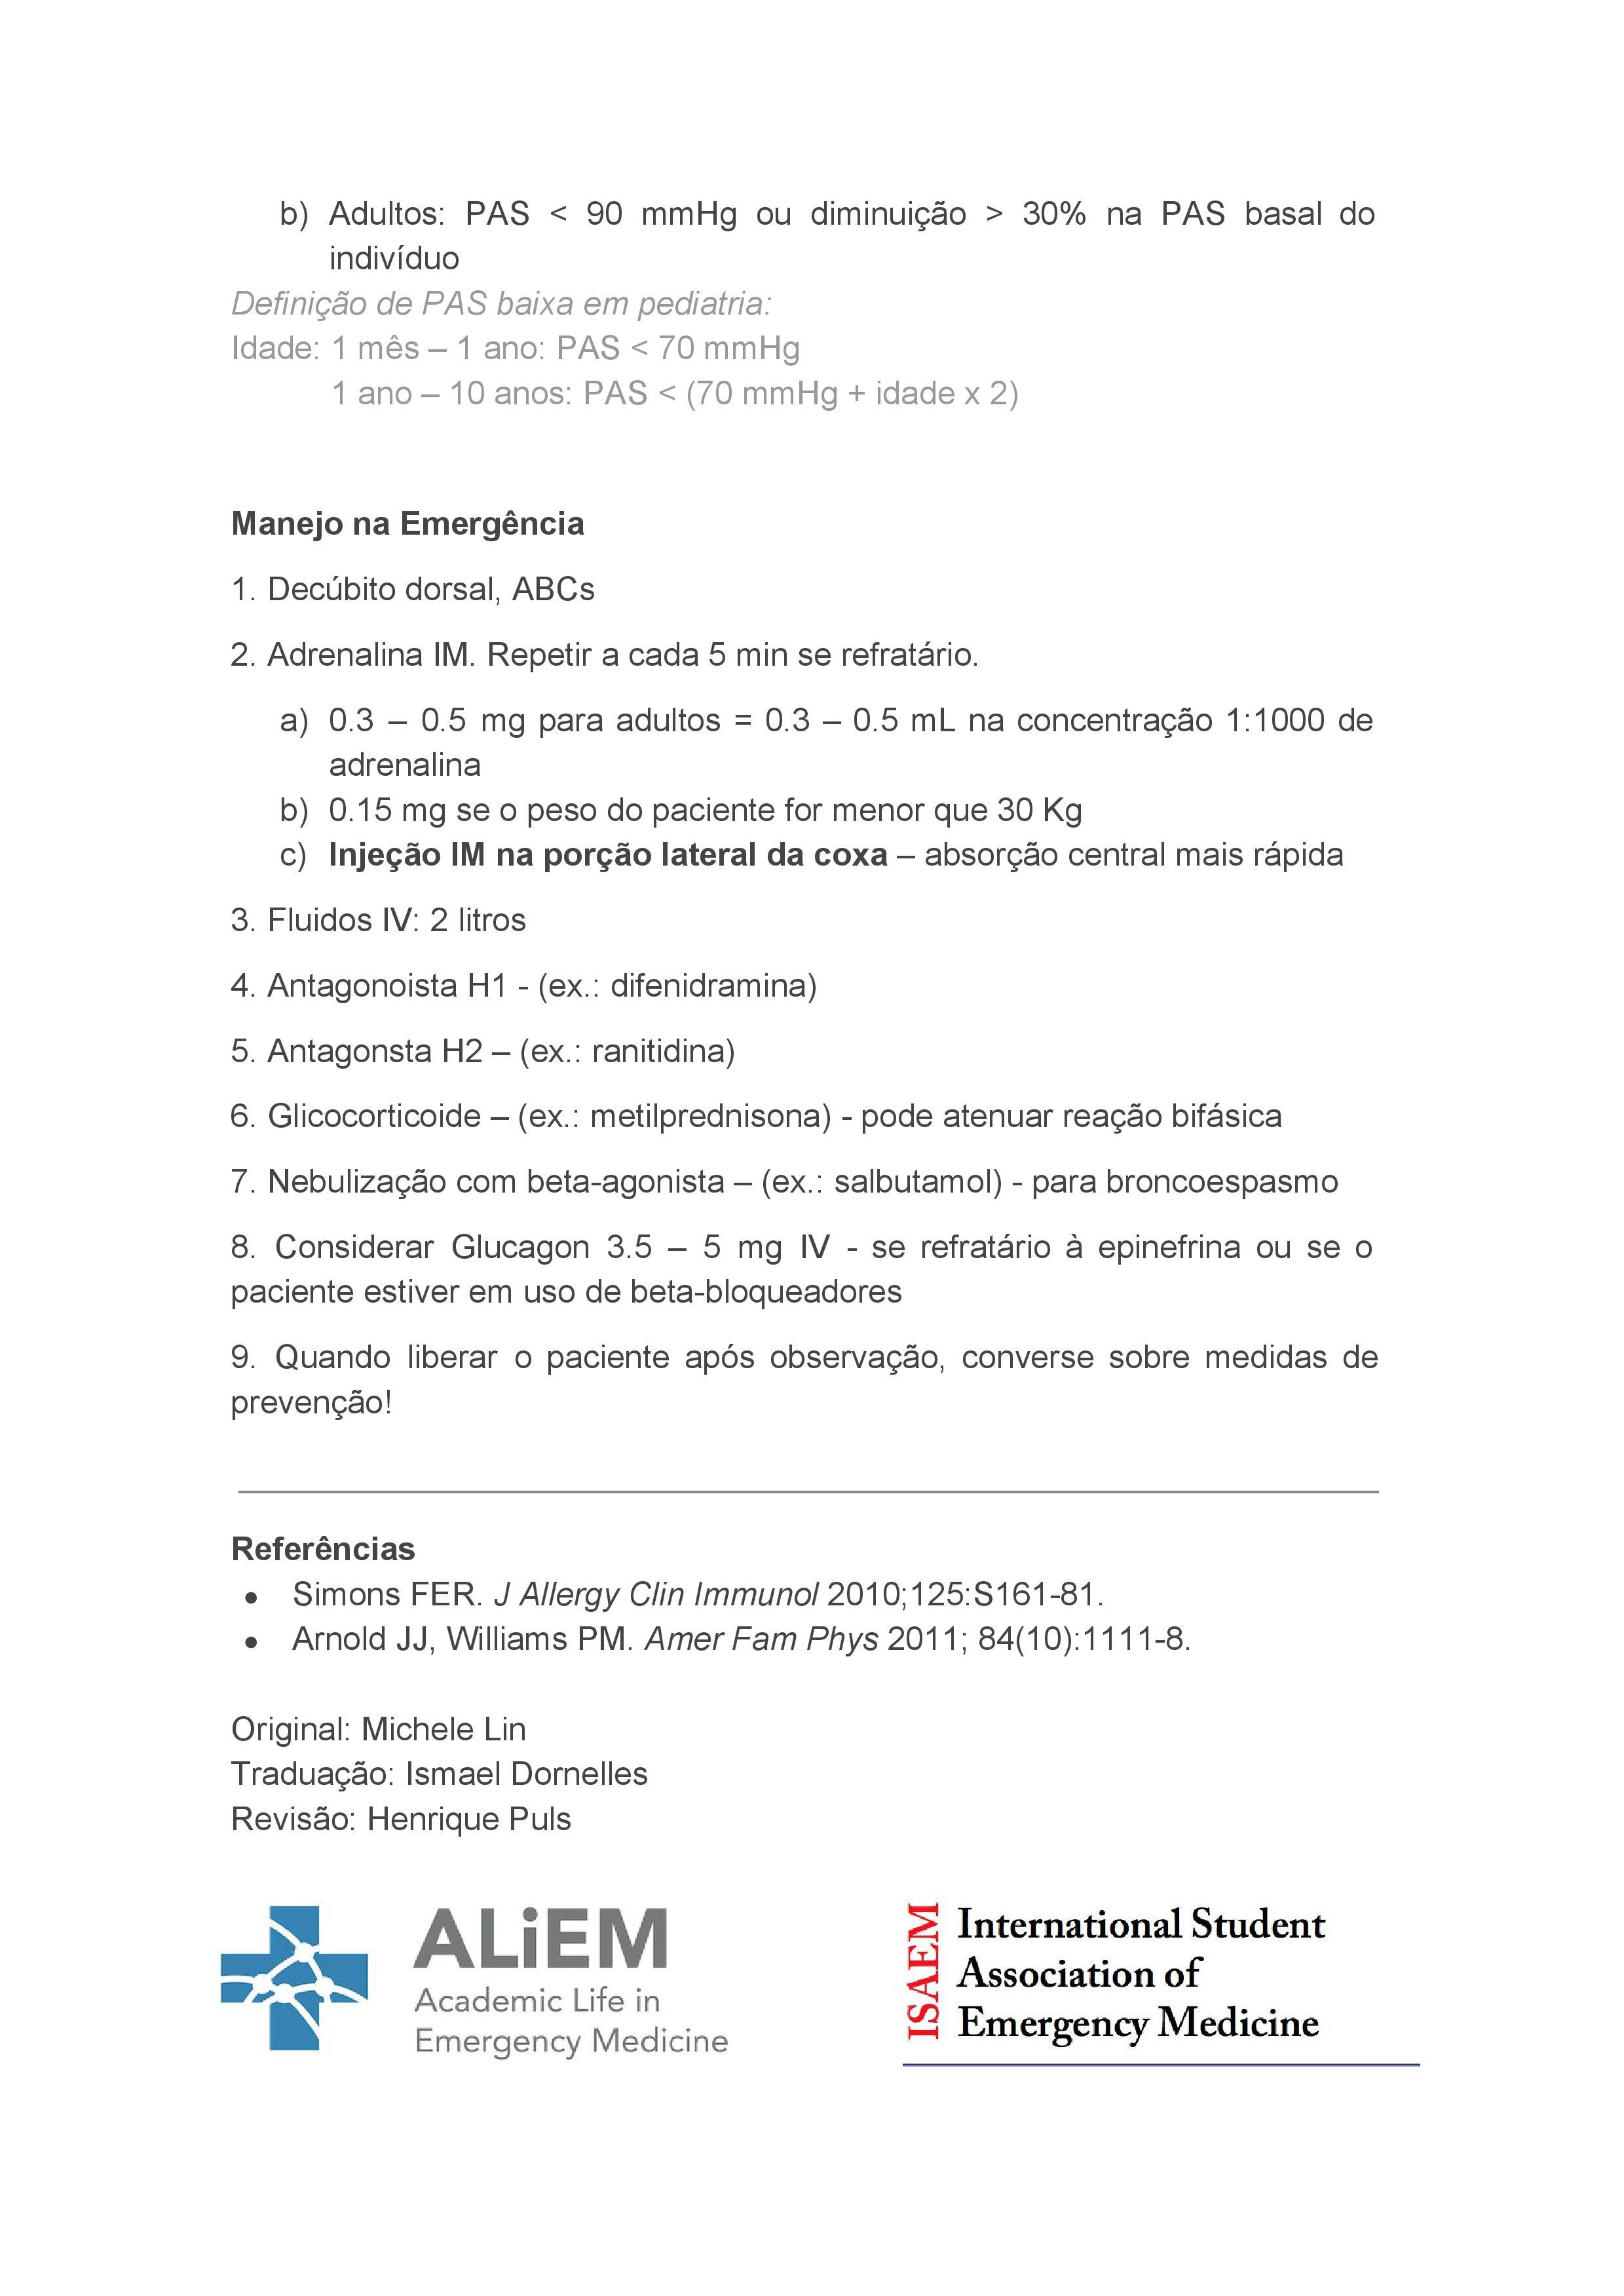 Resumo de Emergência #03 _ Anafilaxia - Diagnóstico e Manejo-page-002